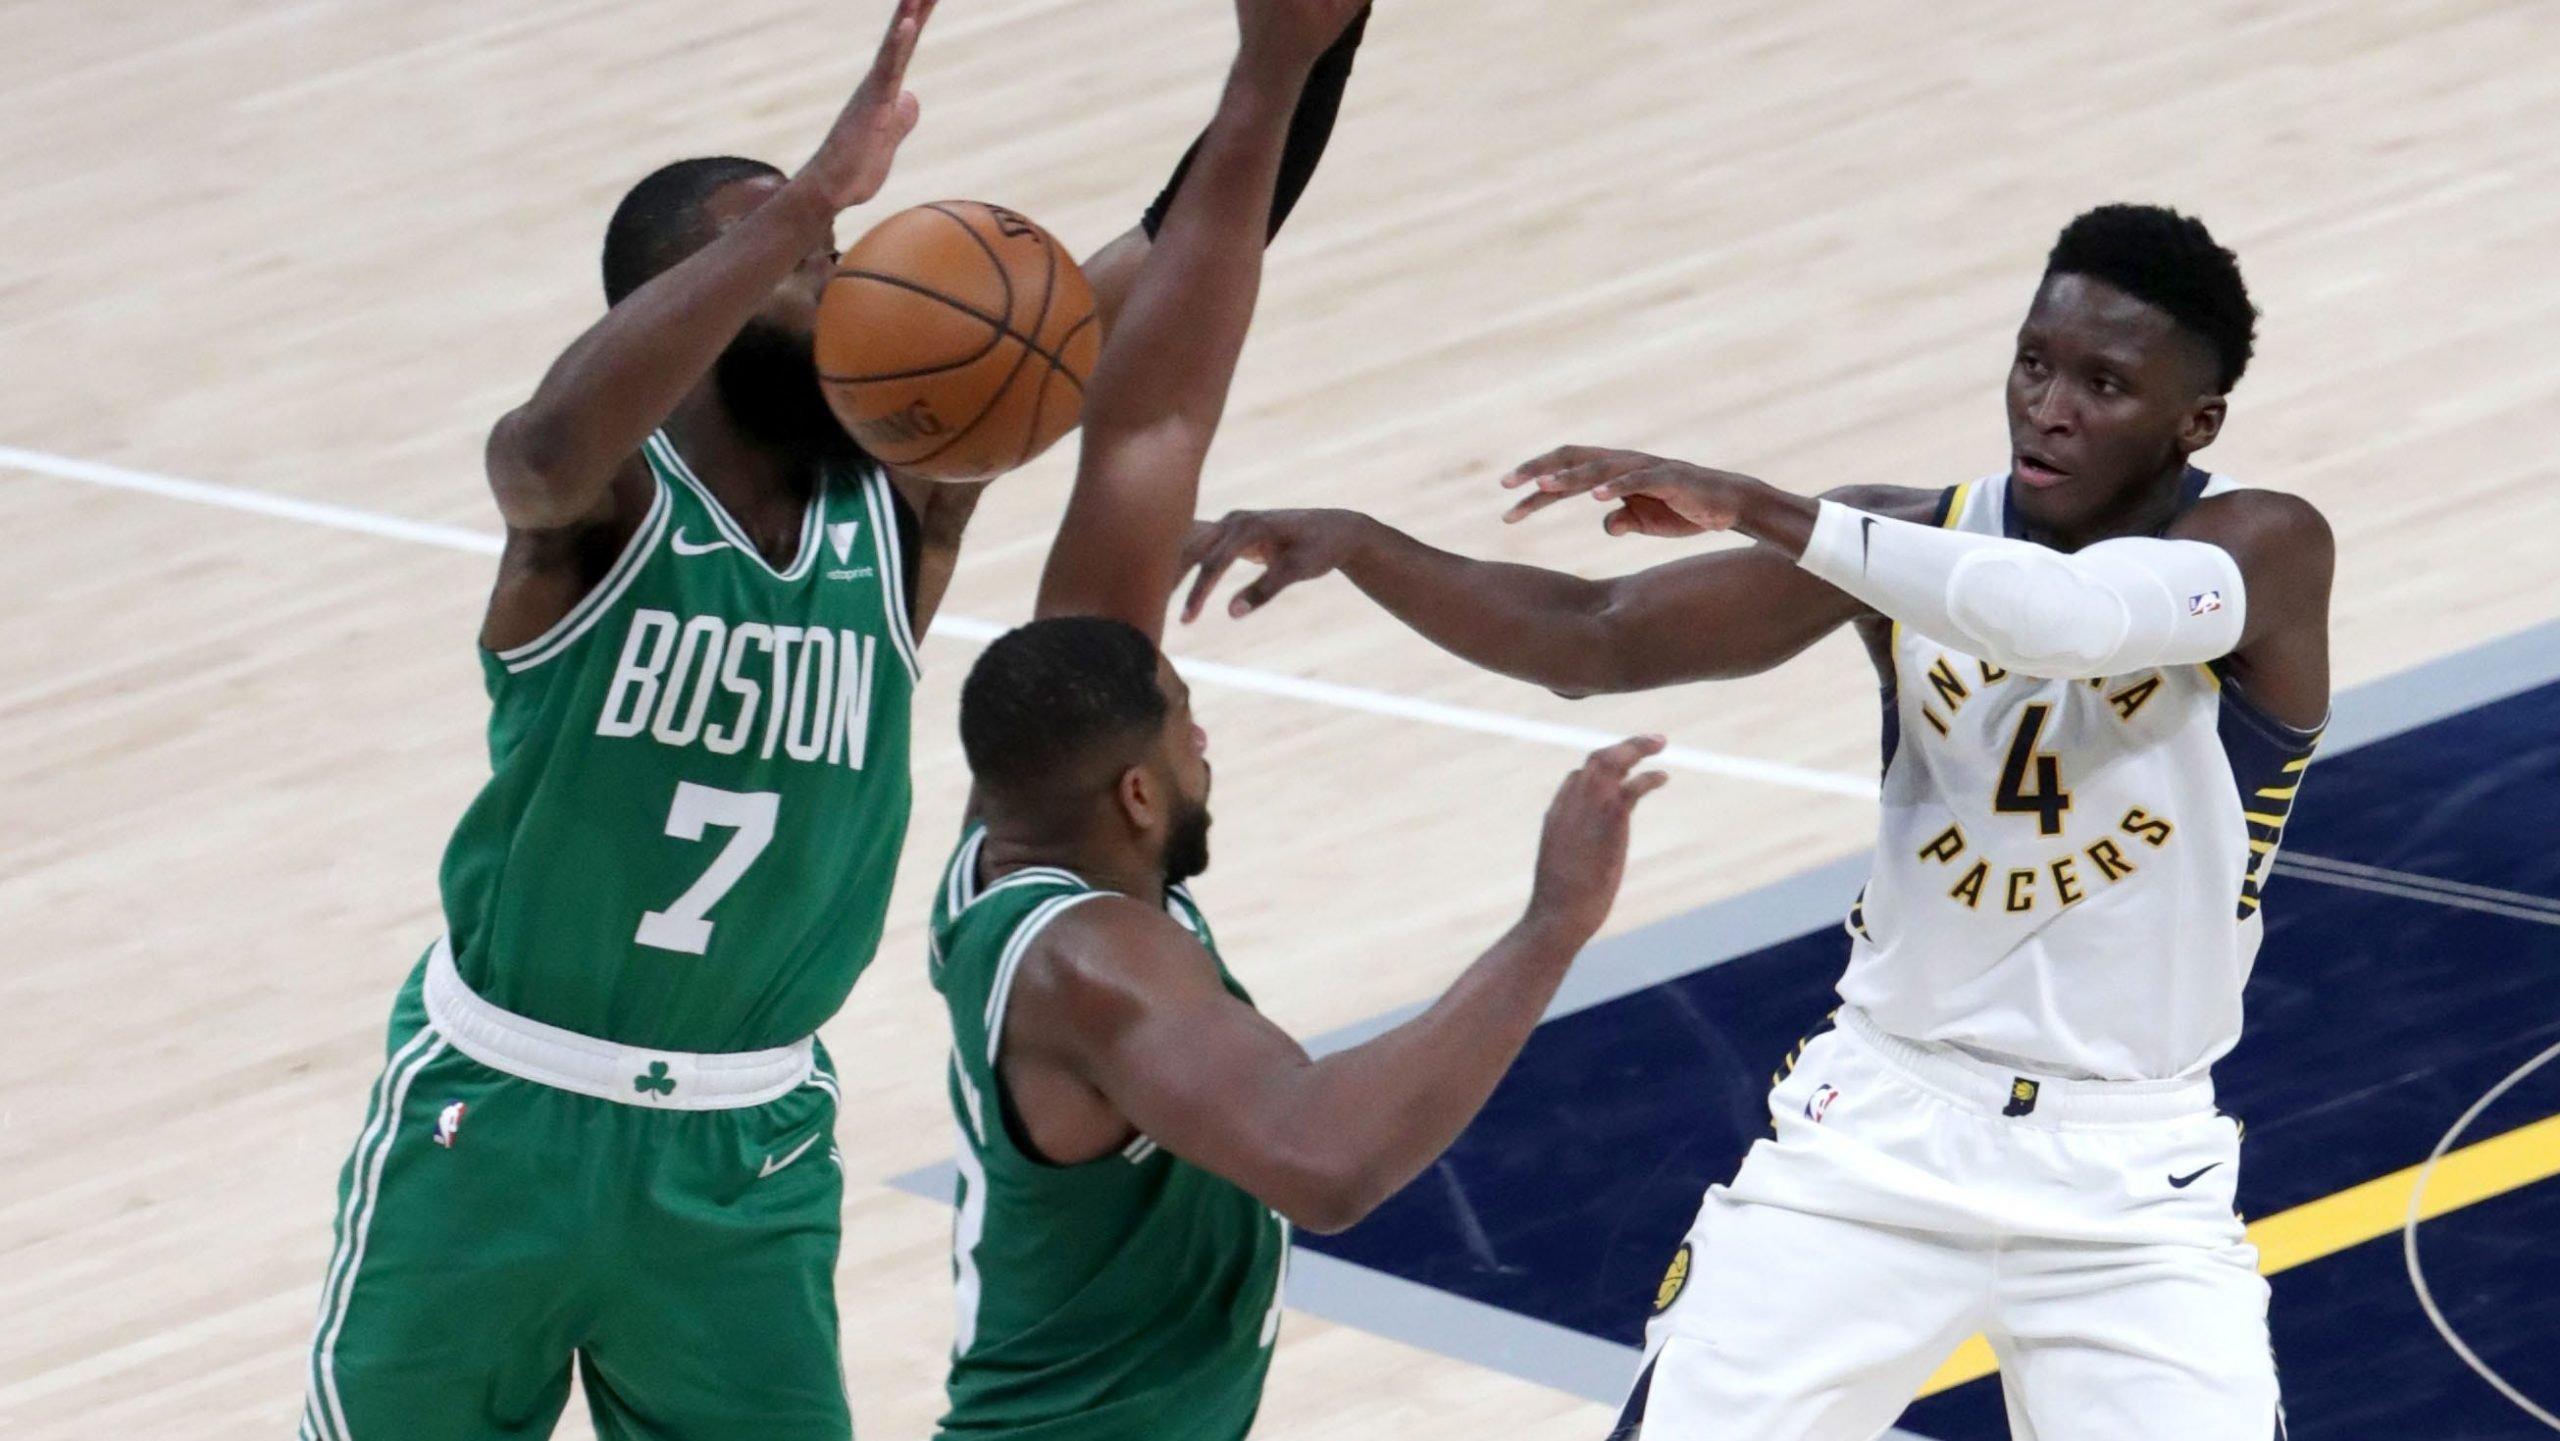 pacers versus Celtics